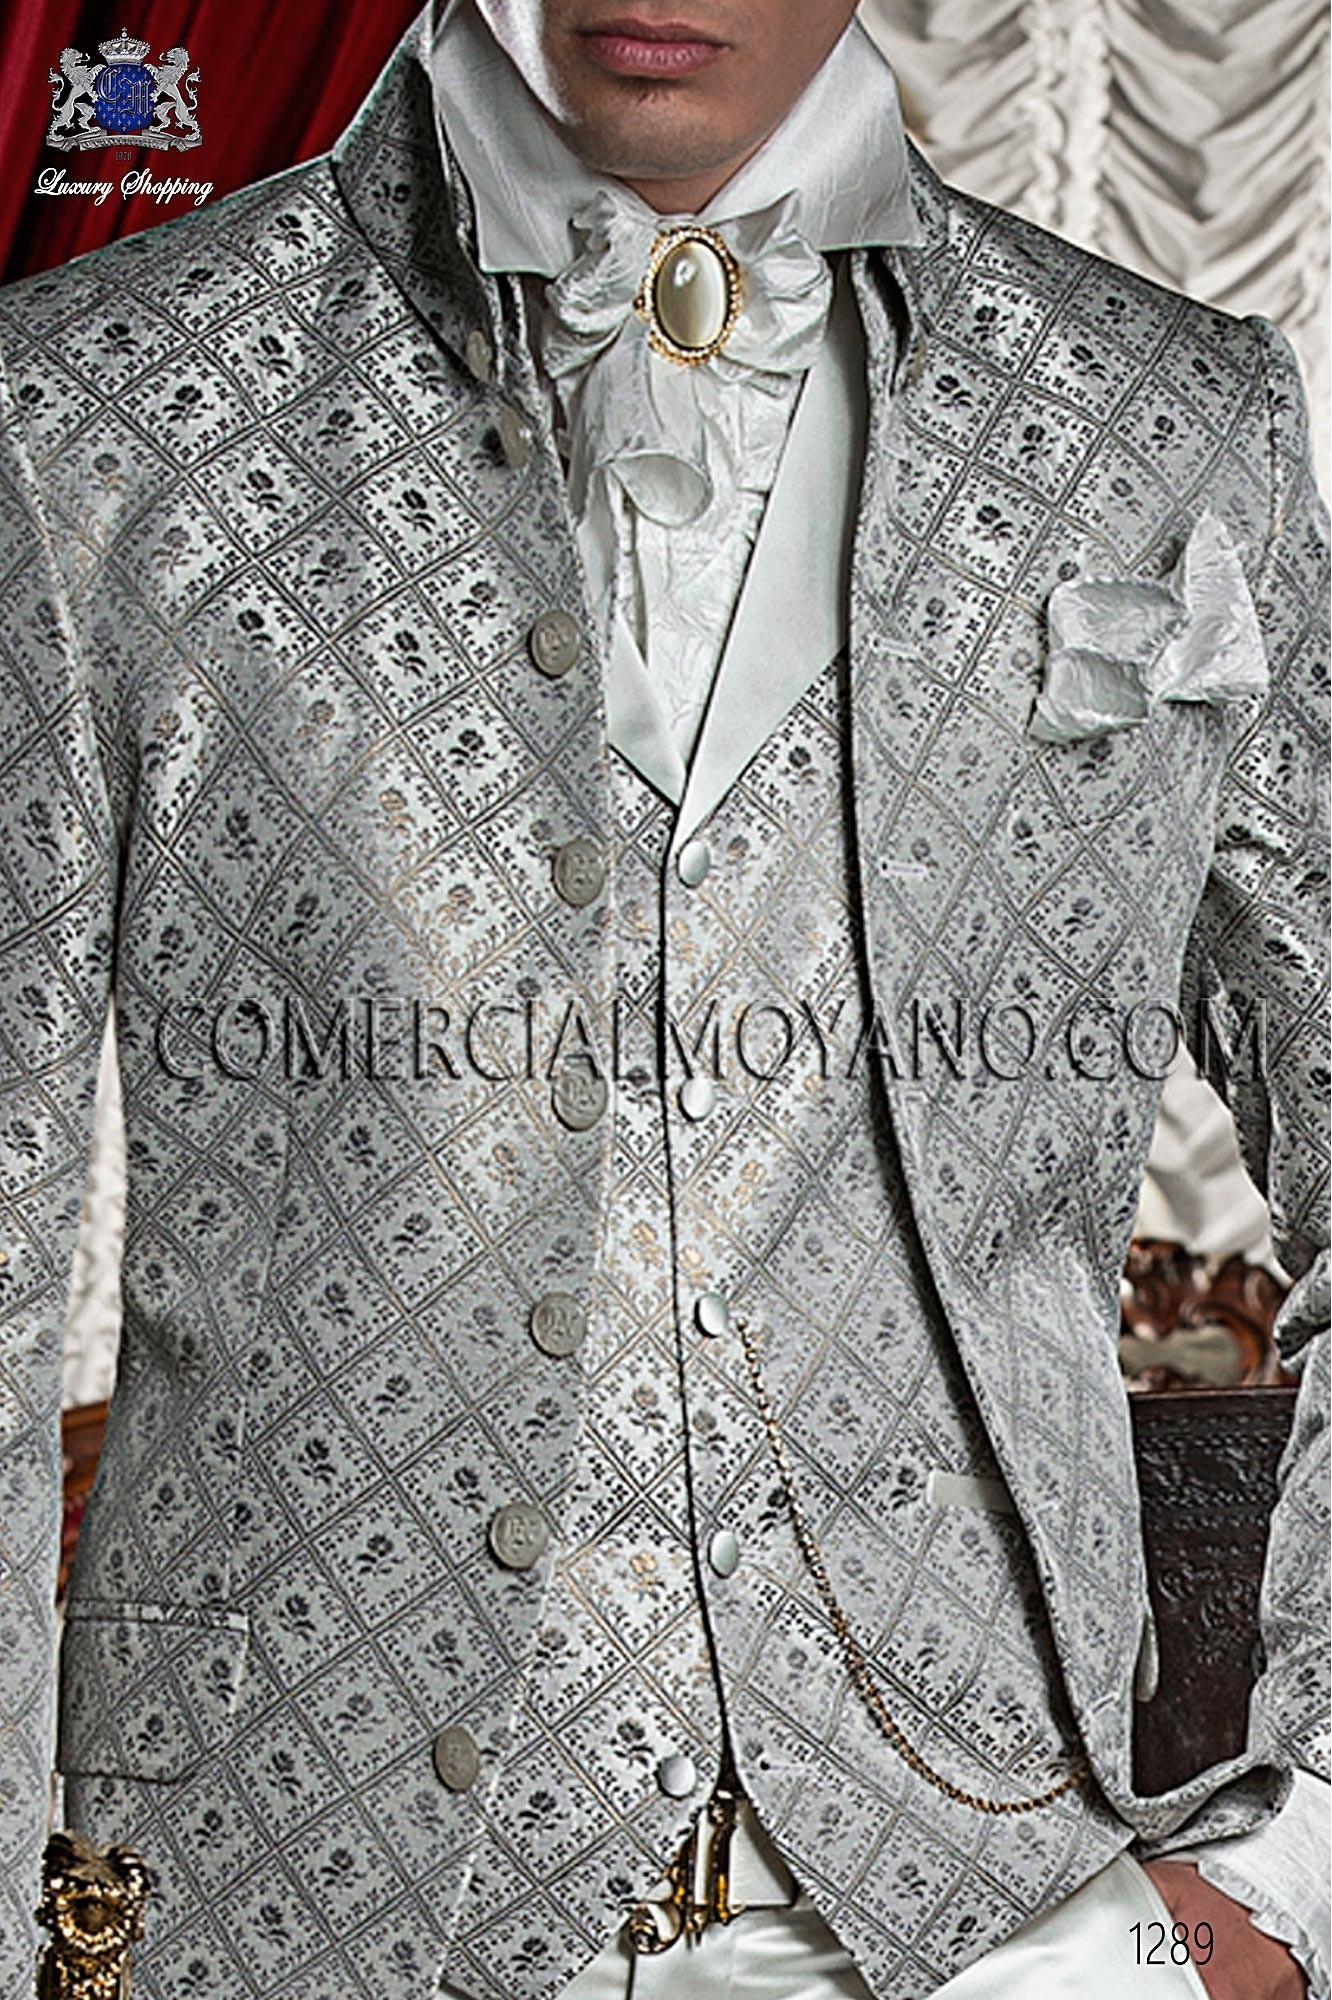 Traje barroco de novio gris-oro modelo: 1289 Ottavio Nuccio Gala colección Barroco